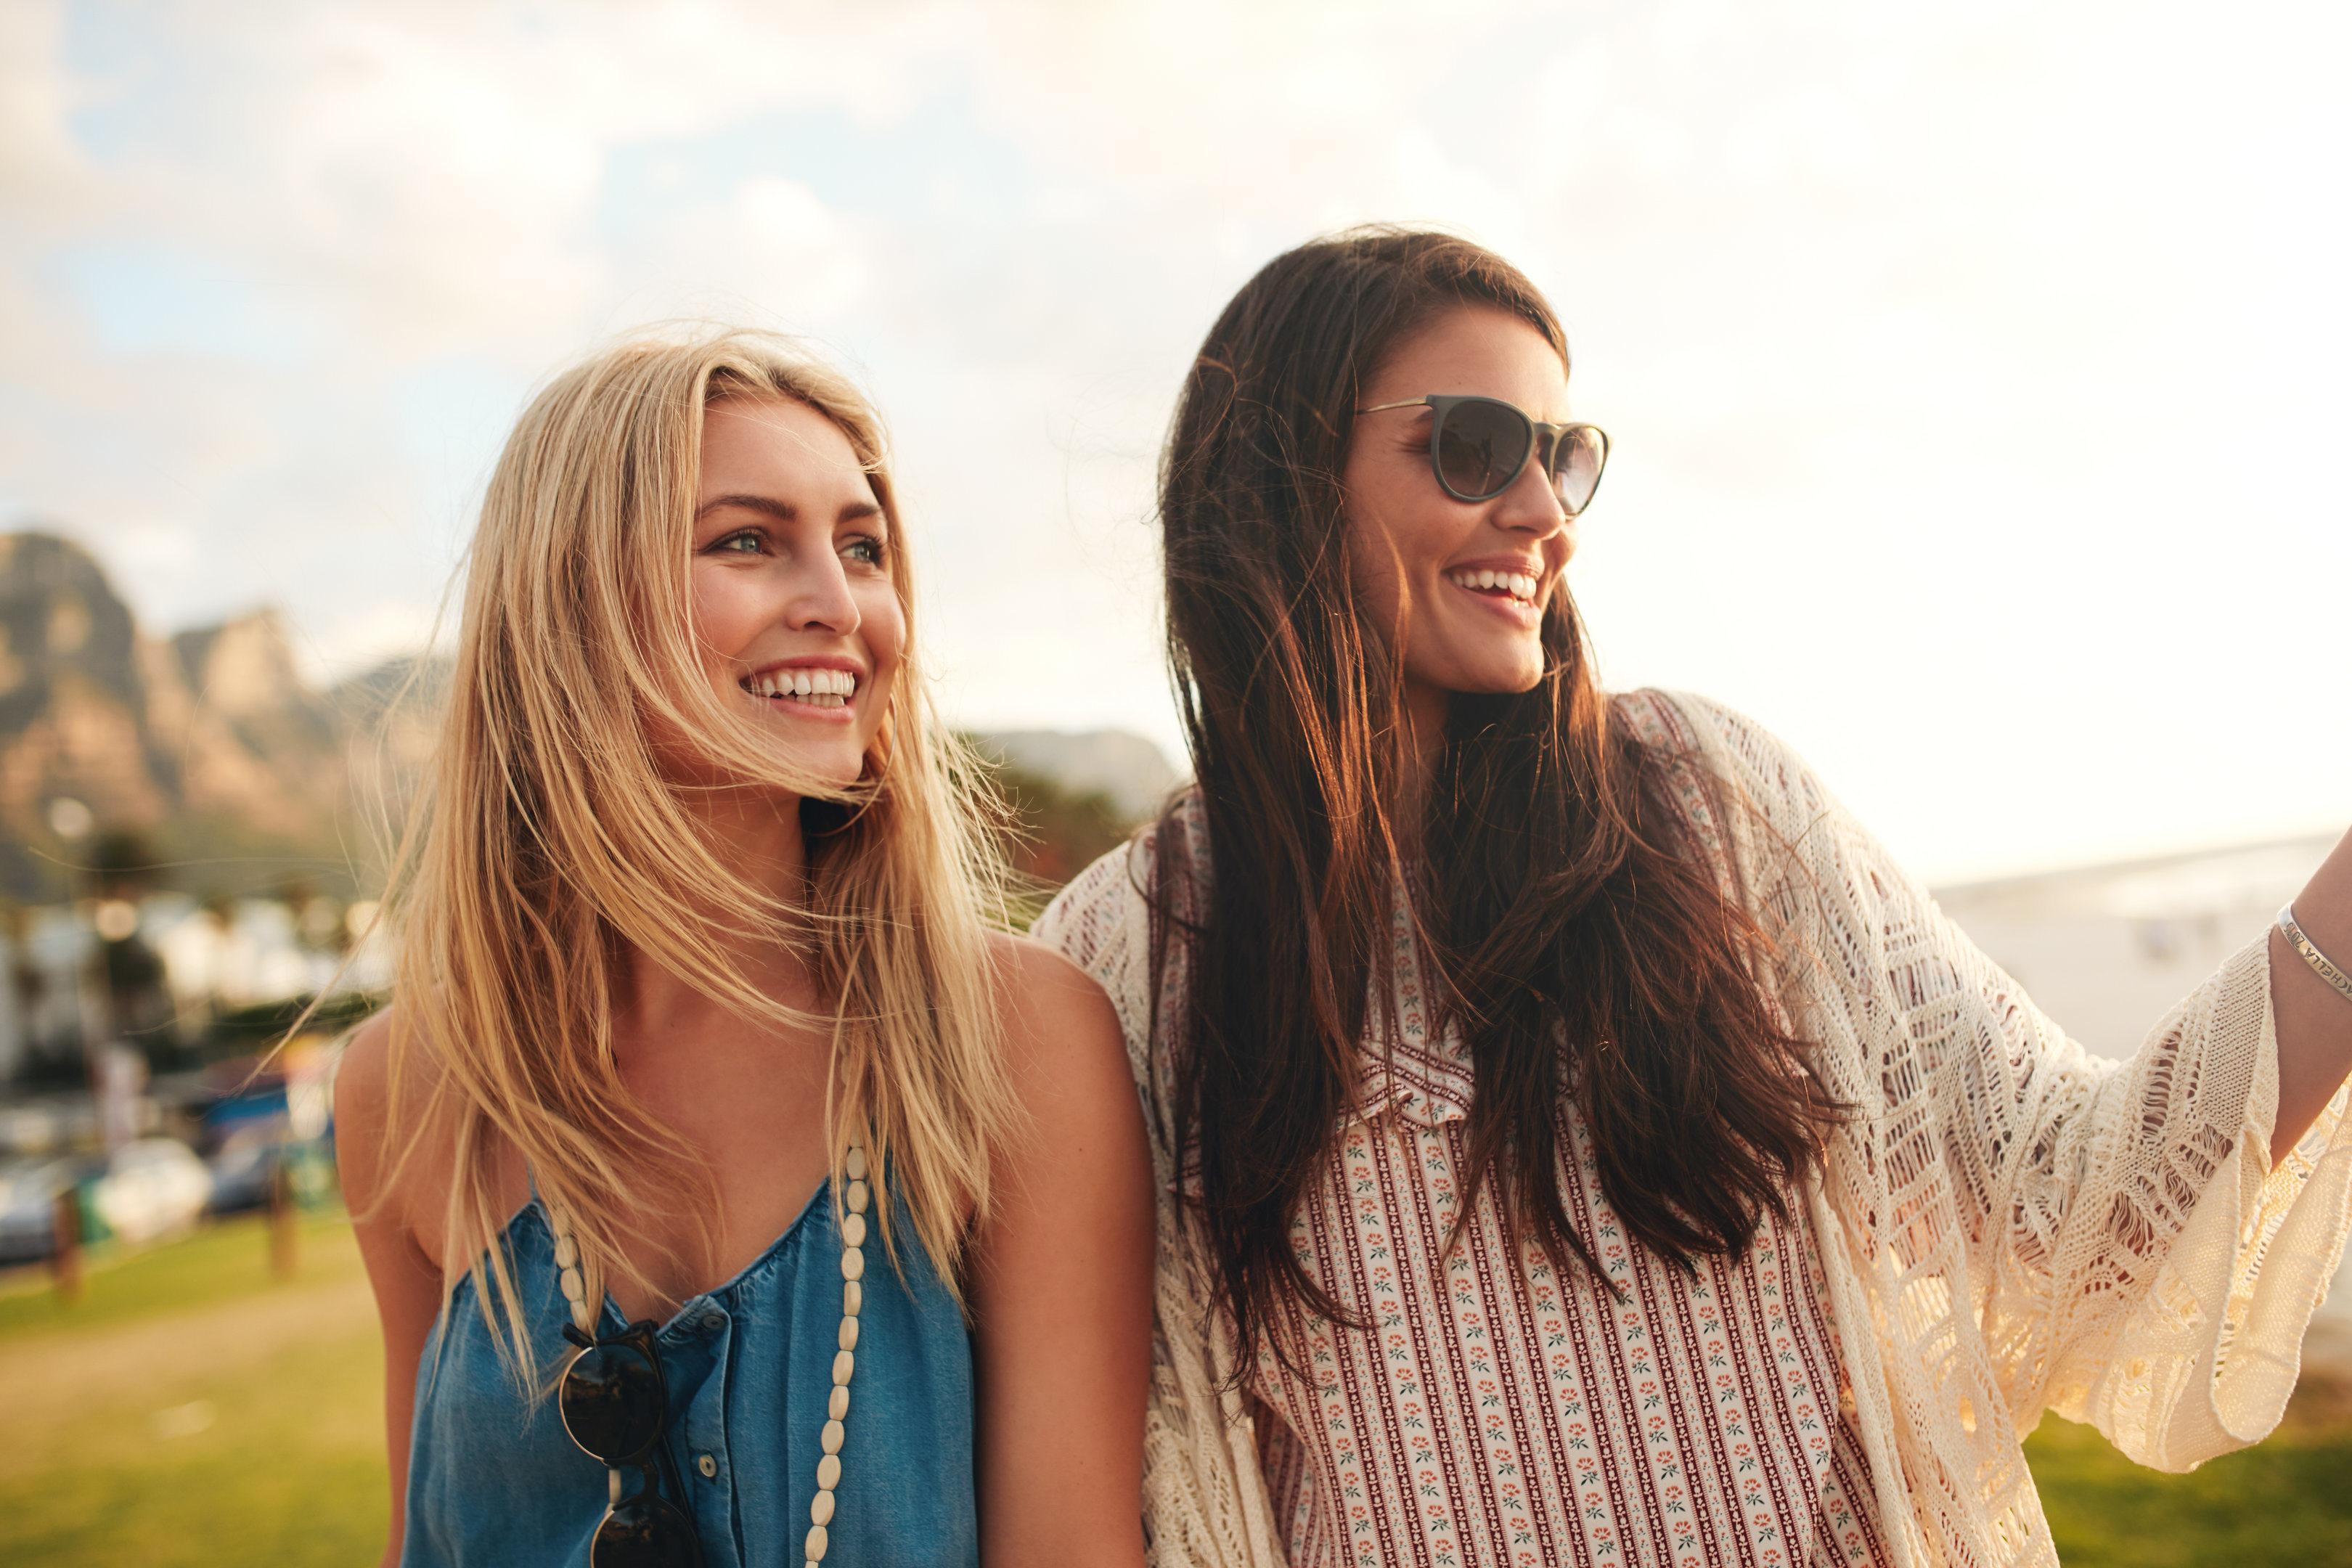 Site-urile de prietenie online ajută femeile să își facă noi prieteni